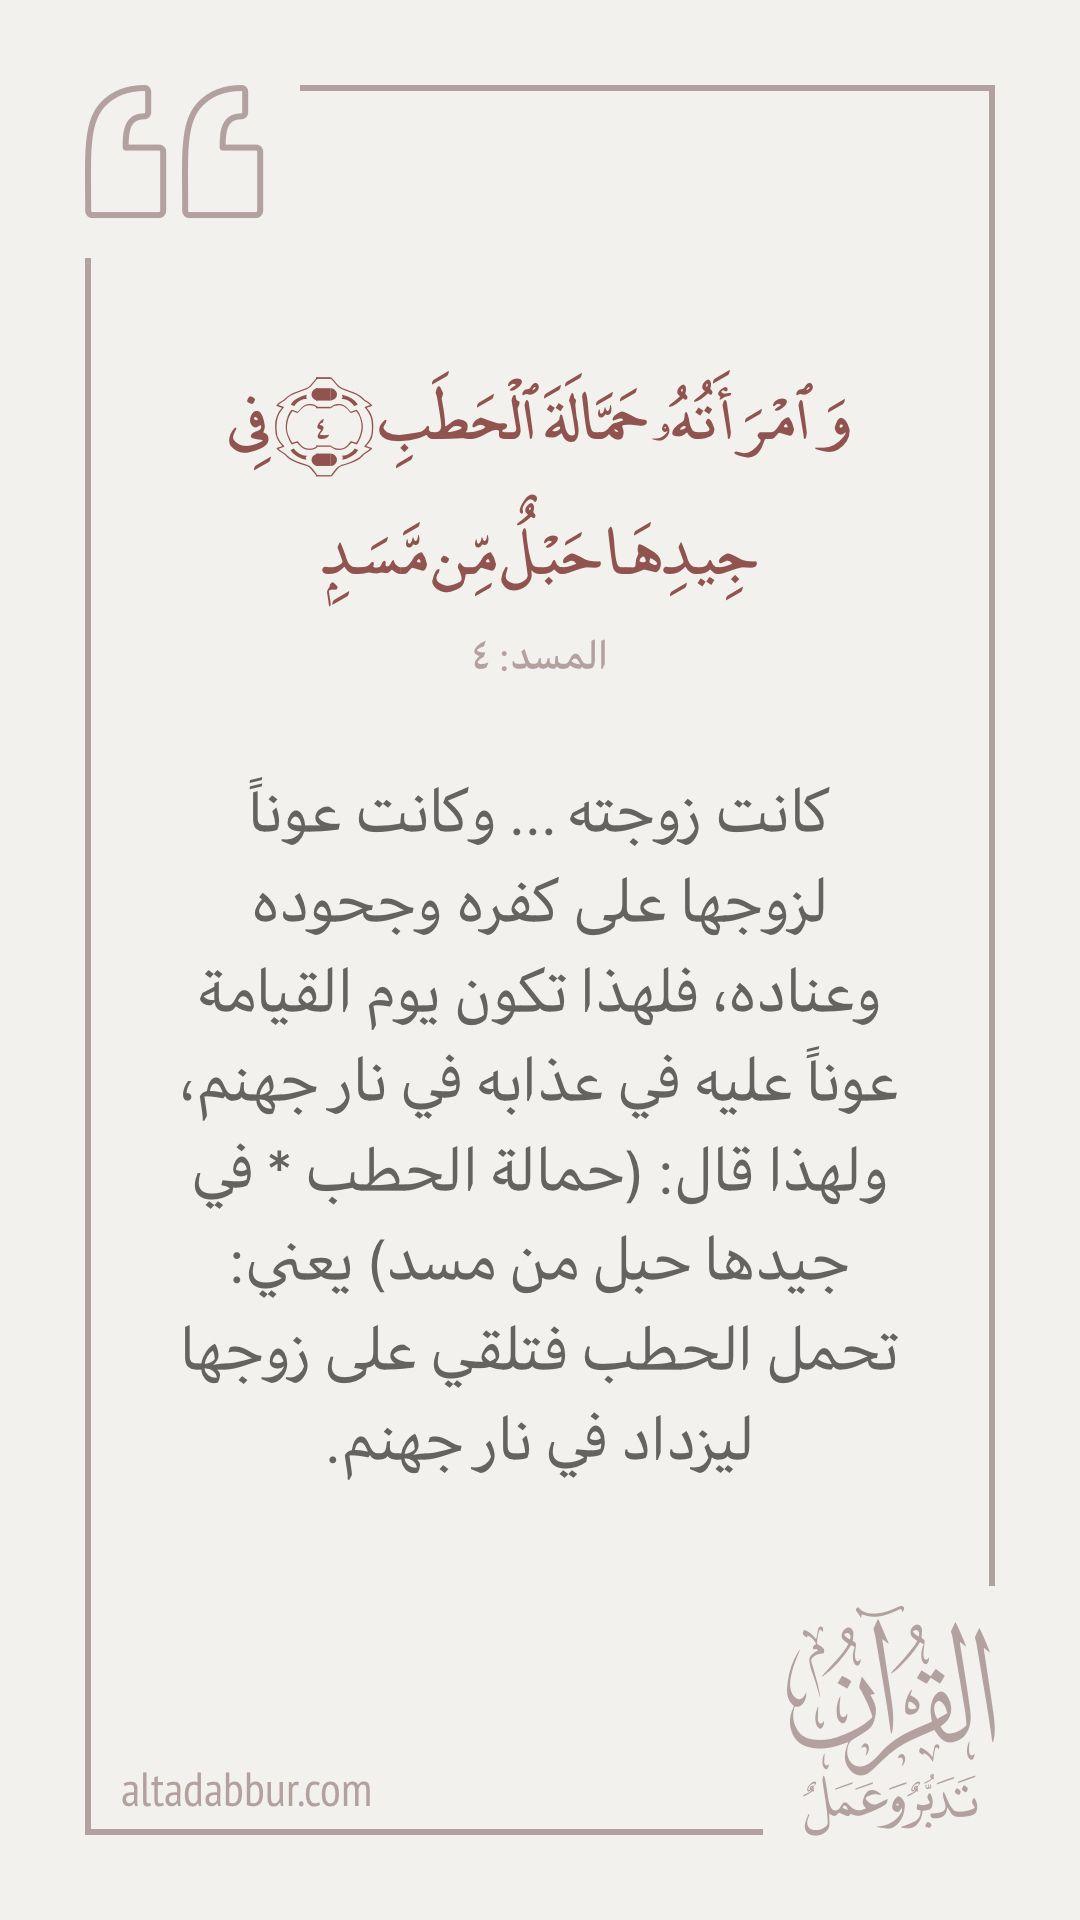 Pin By Eslam Hisn On قرآن تفسير وتدب ر Quran Book New Quotes Quran Quotes